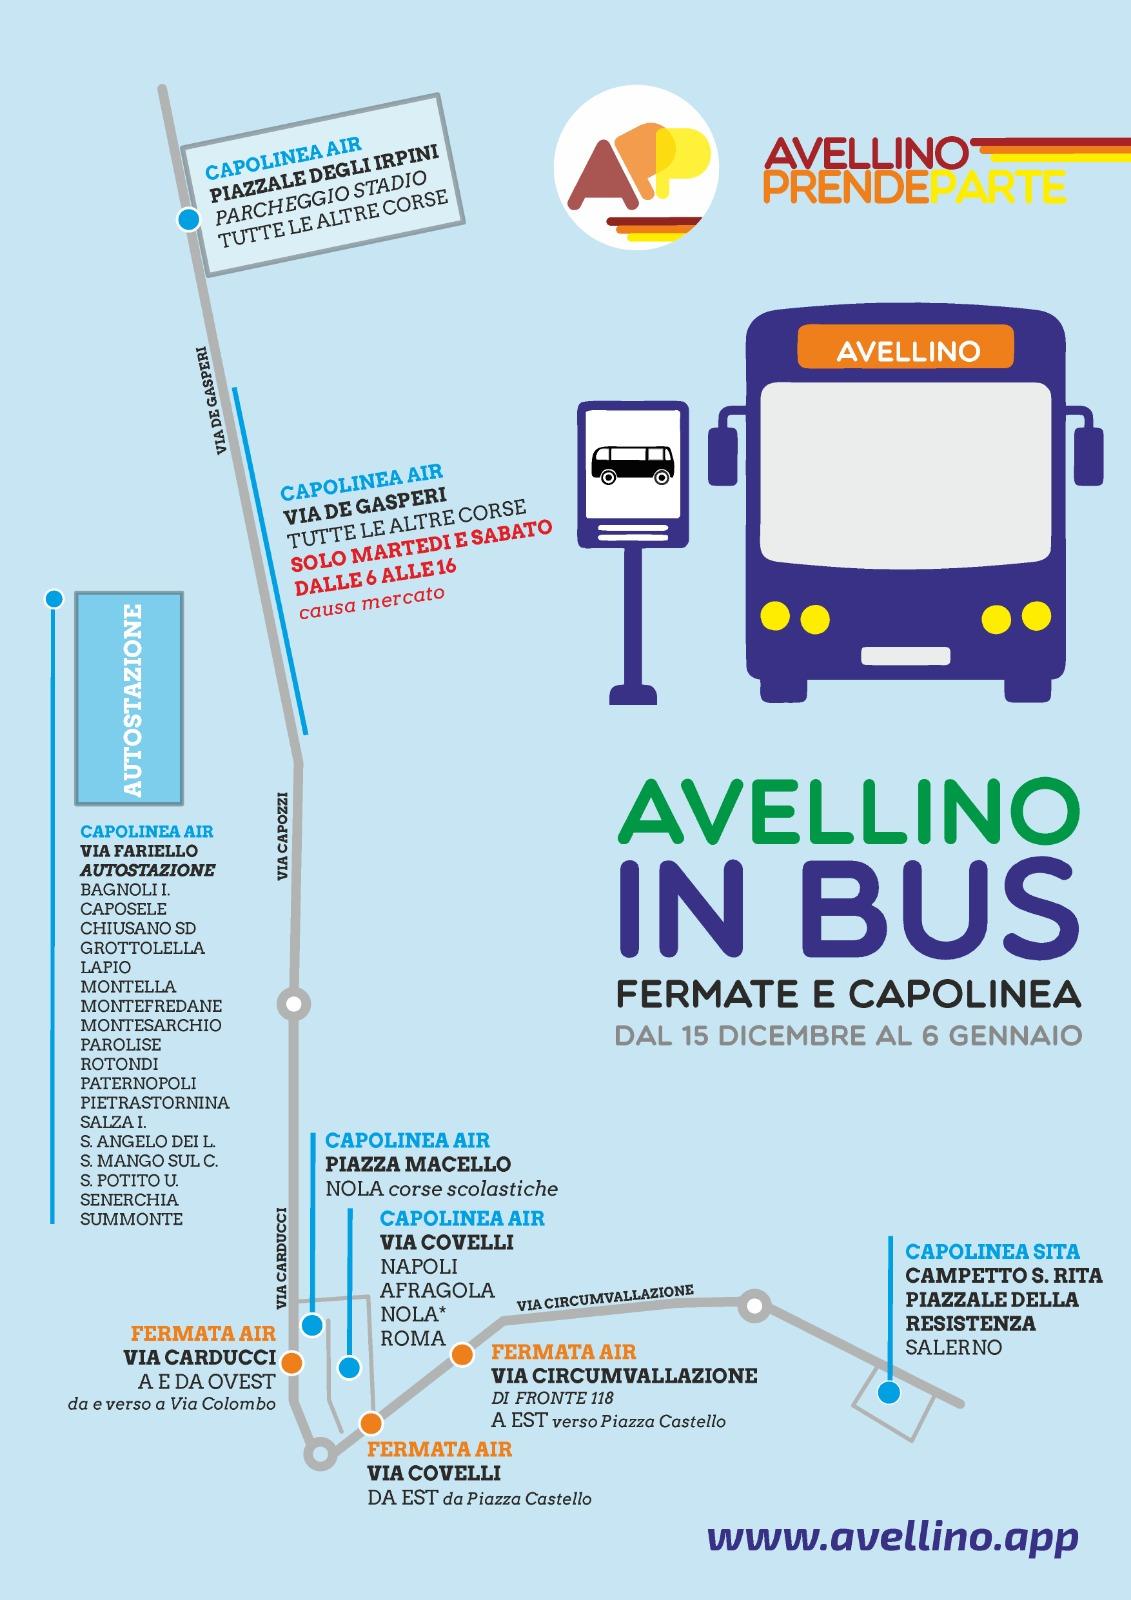 La mappa dei nuovi terminal Bus di Avellino, dopo la delocalizzazione del terminal di Piazza Kennedy